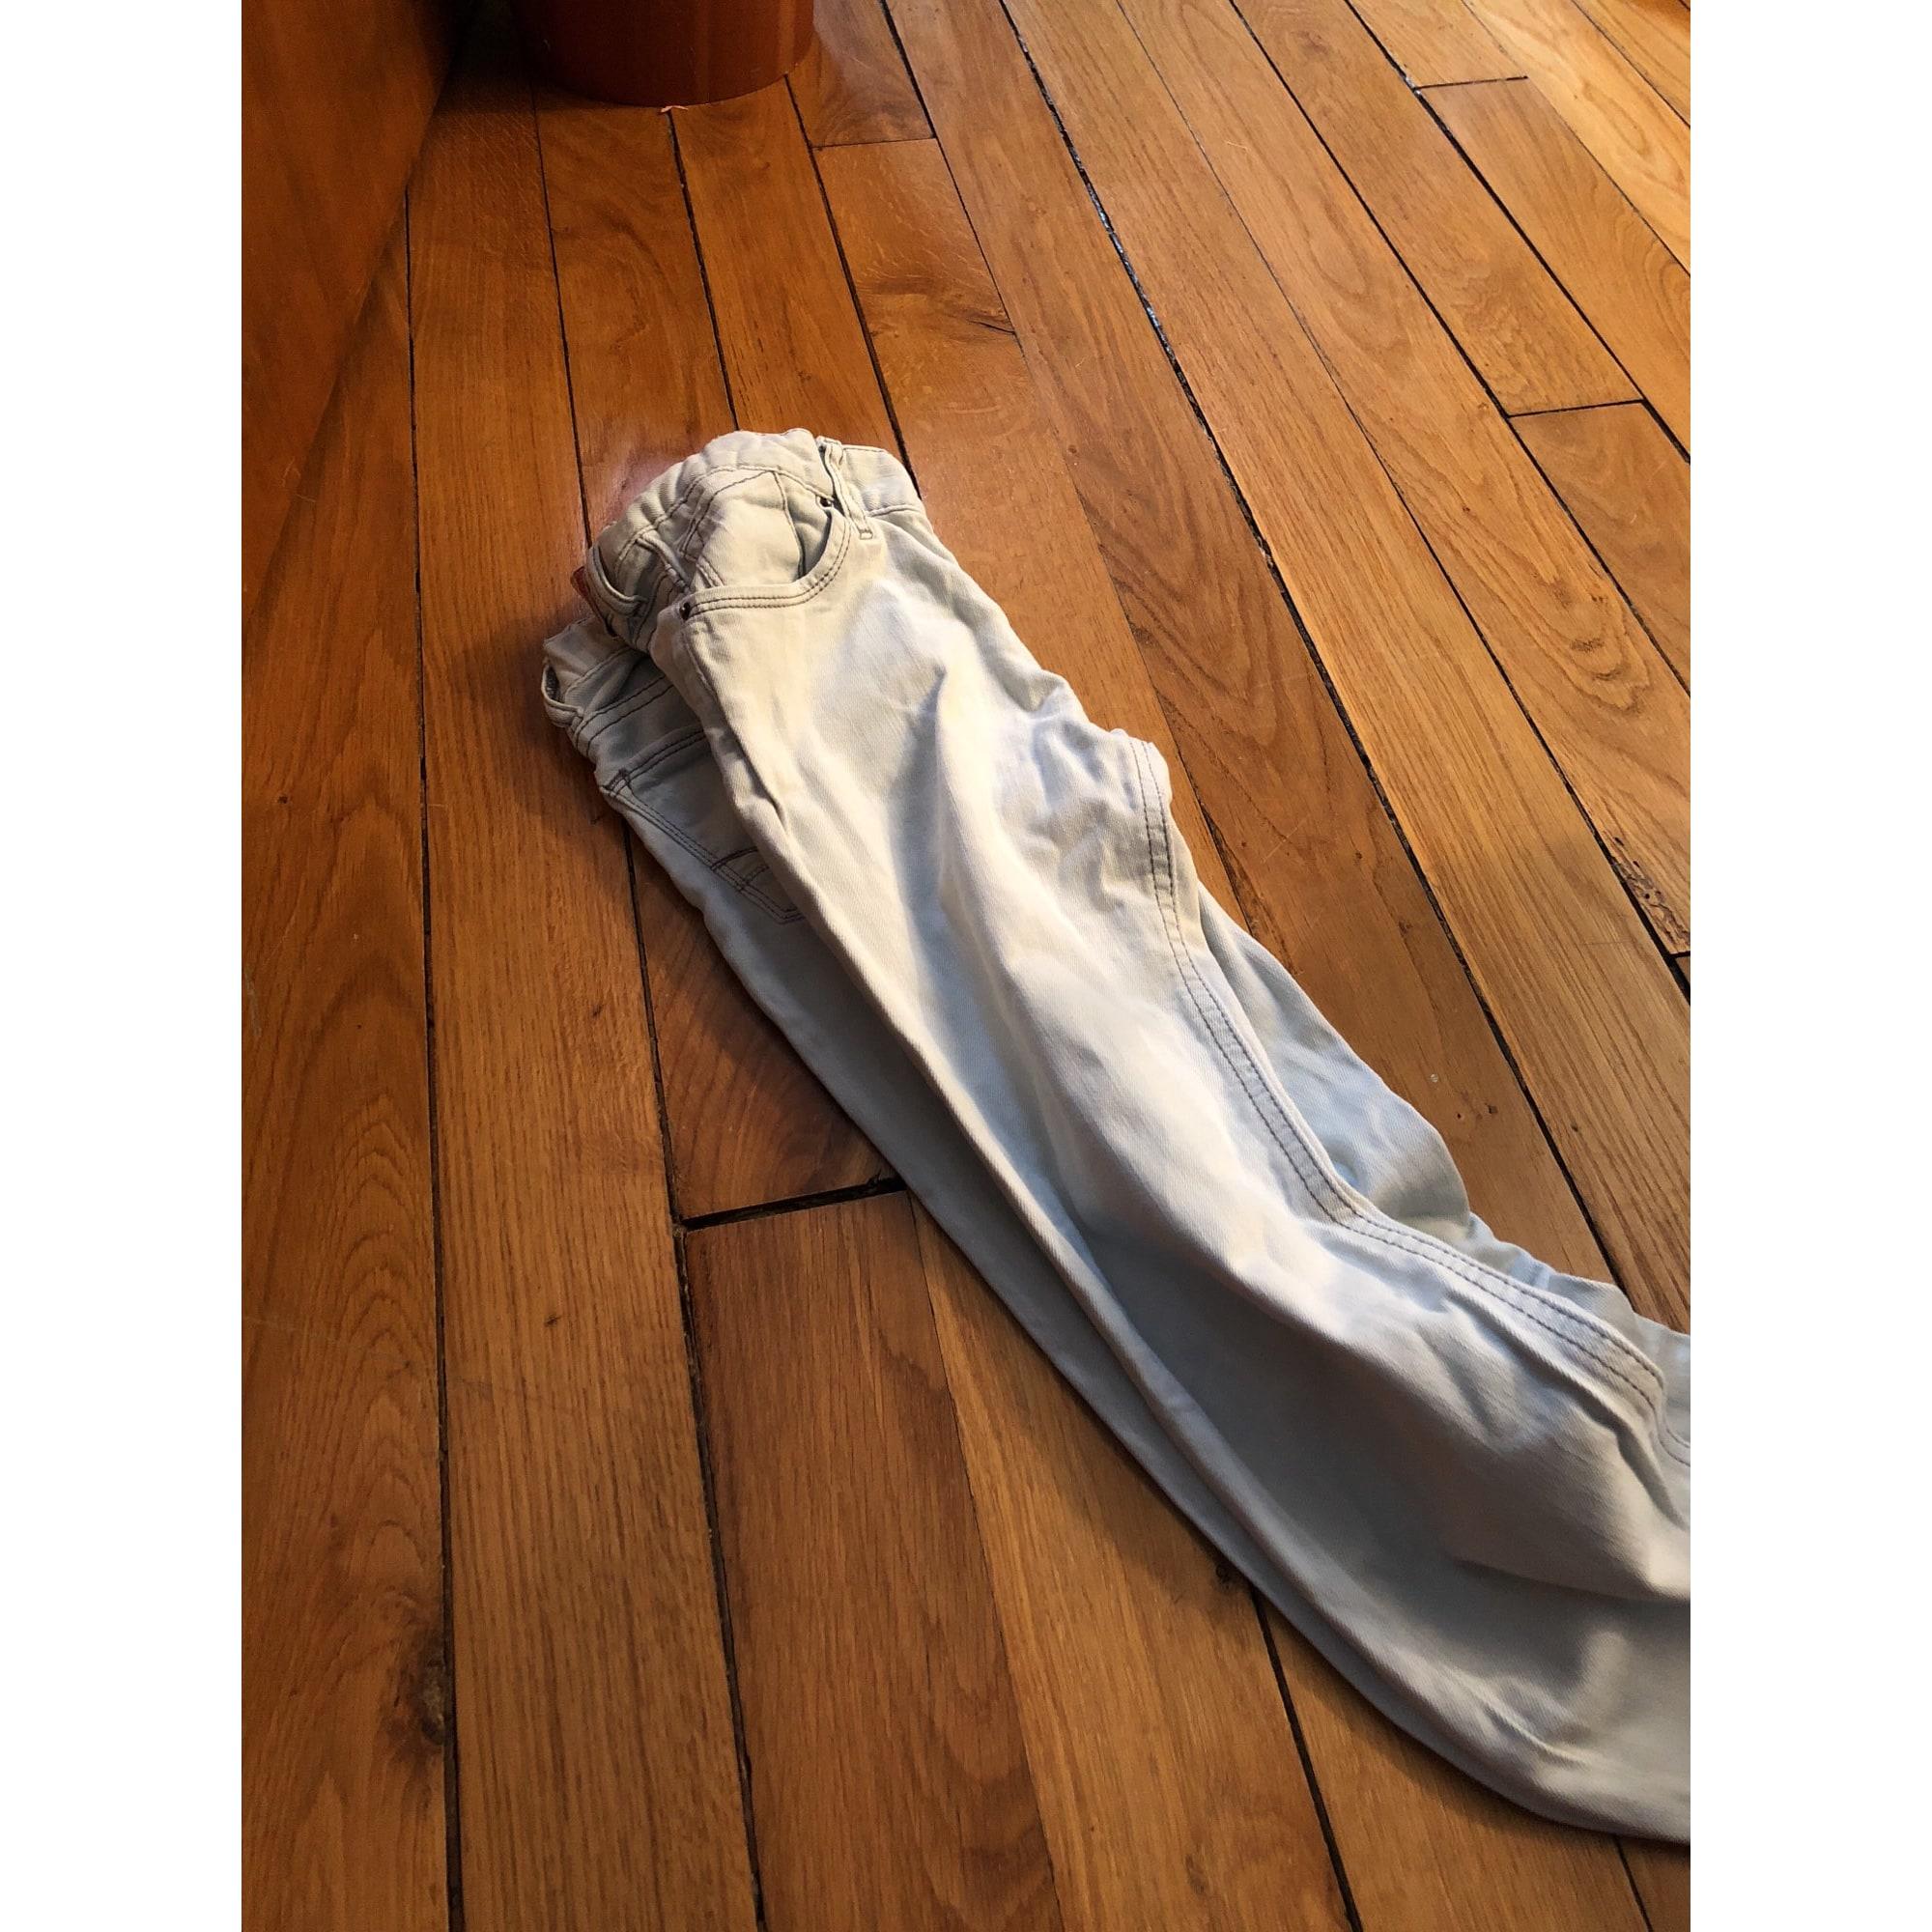 Pantalon LE TEMPS DES CERISES coton blanc 11-12 ans